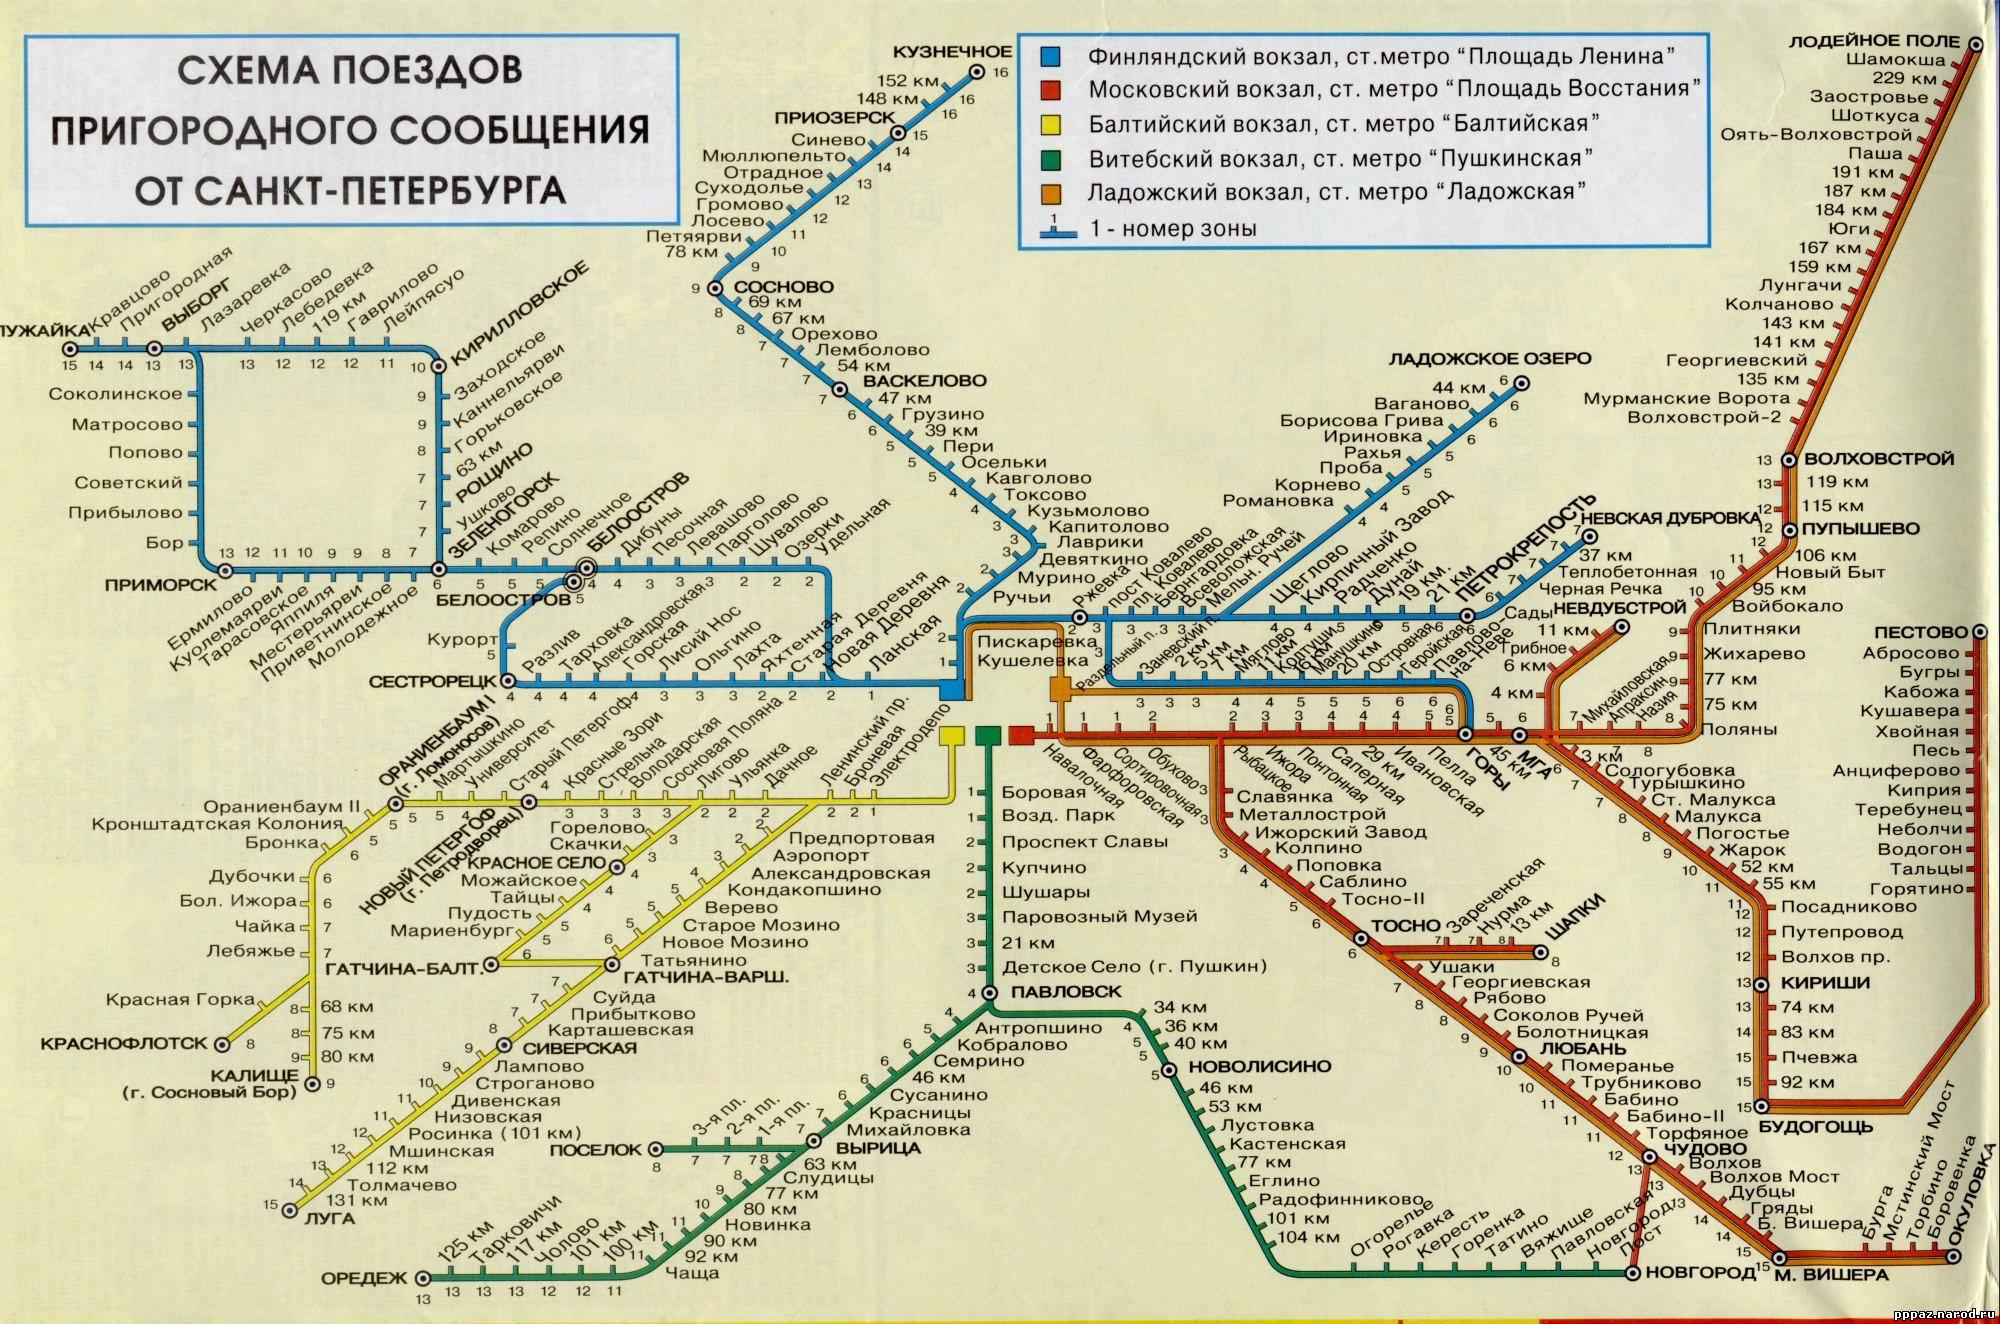 Схема поездов от Санкт-Петербурга